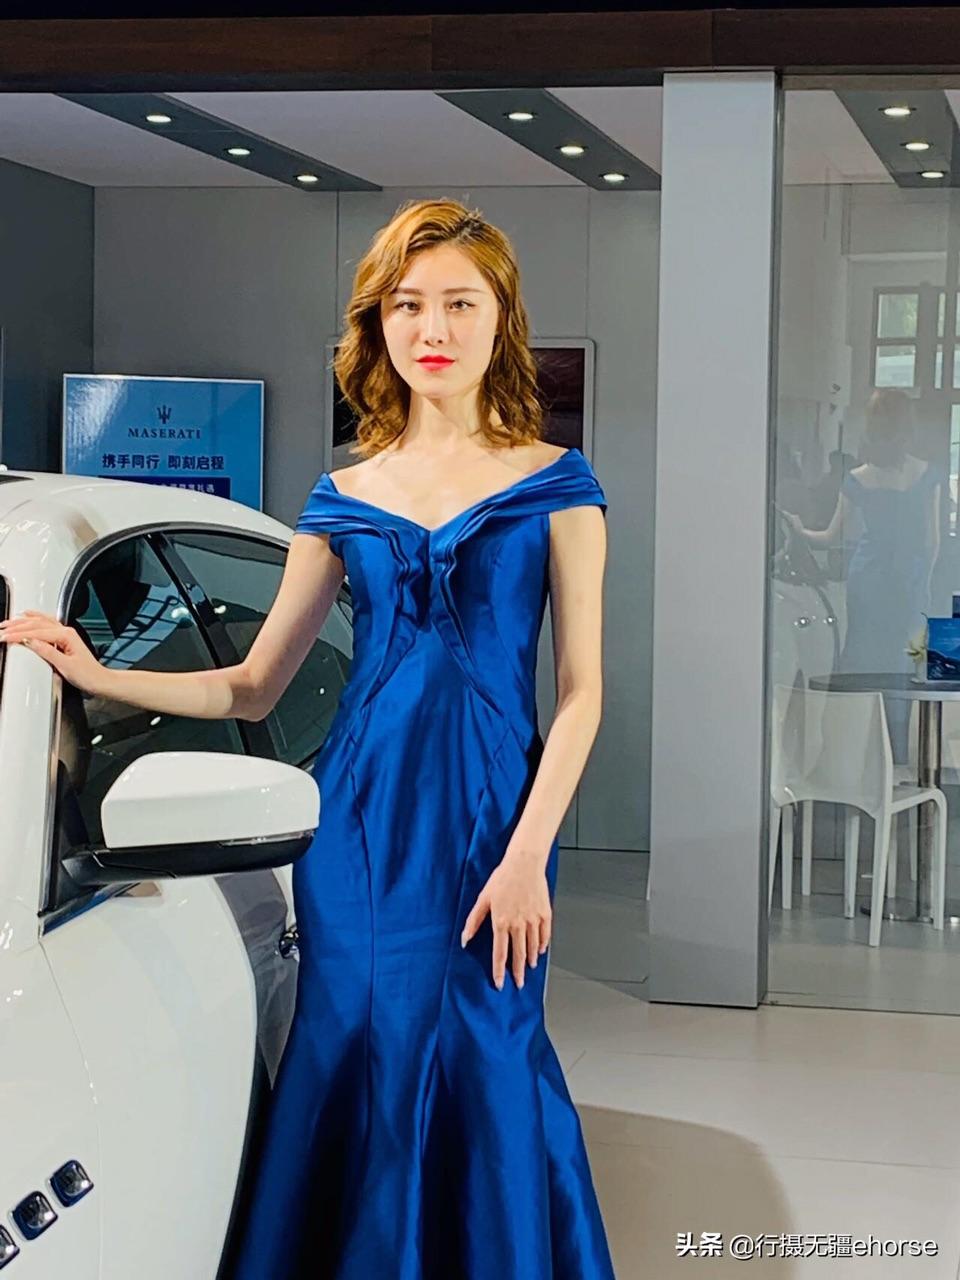 齐鲁国际车展热闹非凡,香车,美女,一应俱全!